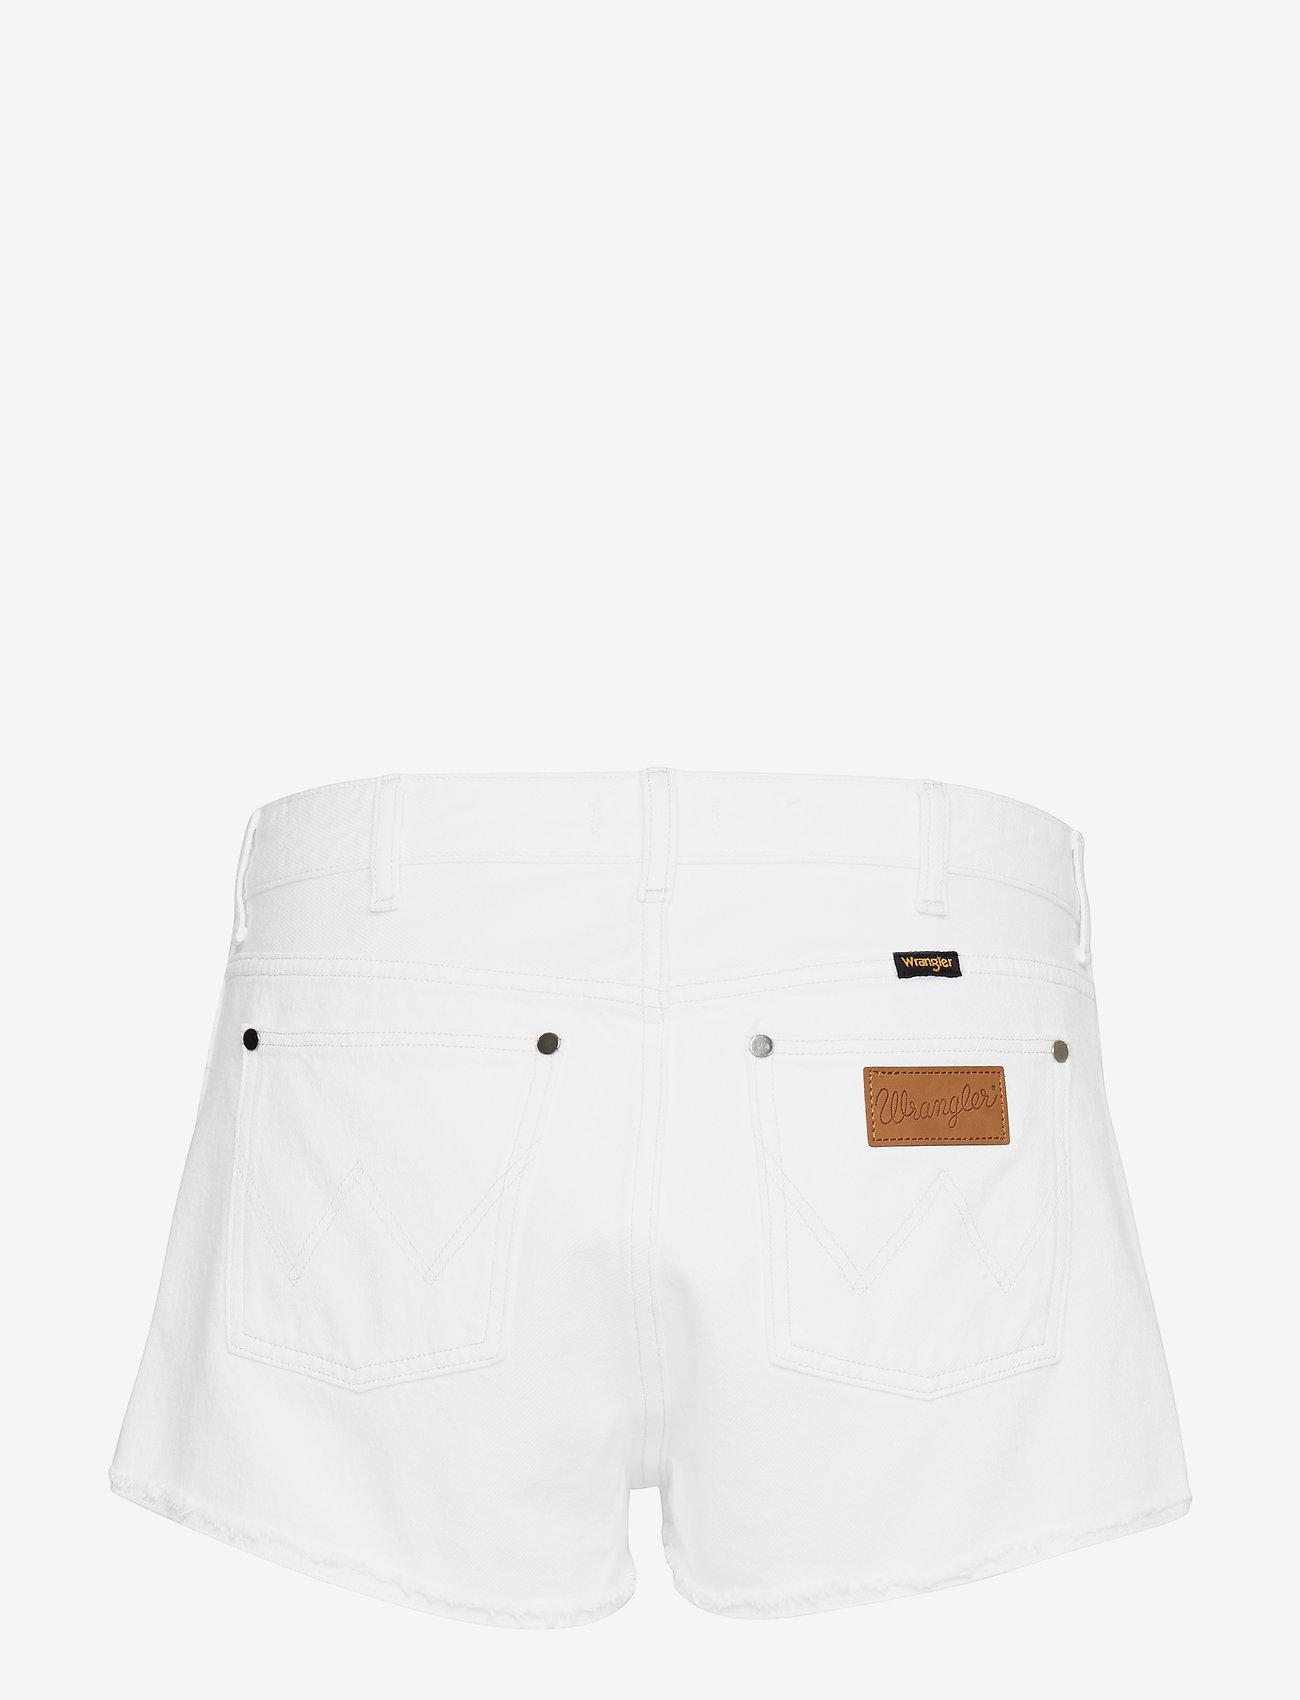 Wrangler - THE SHORT - korte jeansbroeken - vintage white - 1